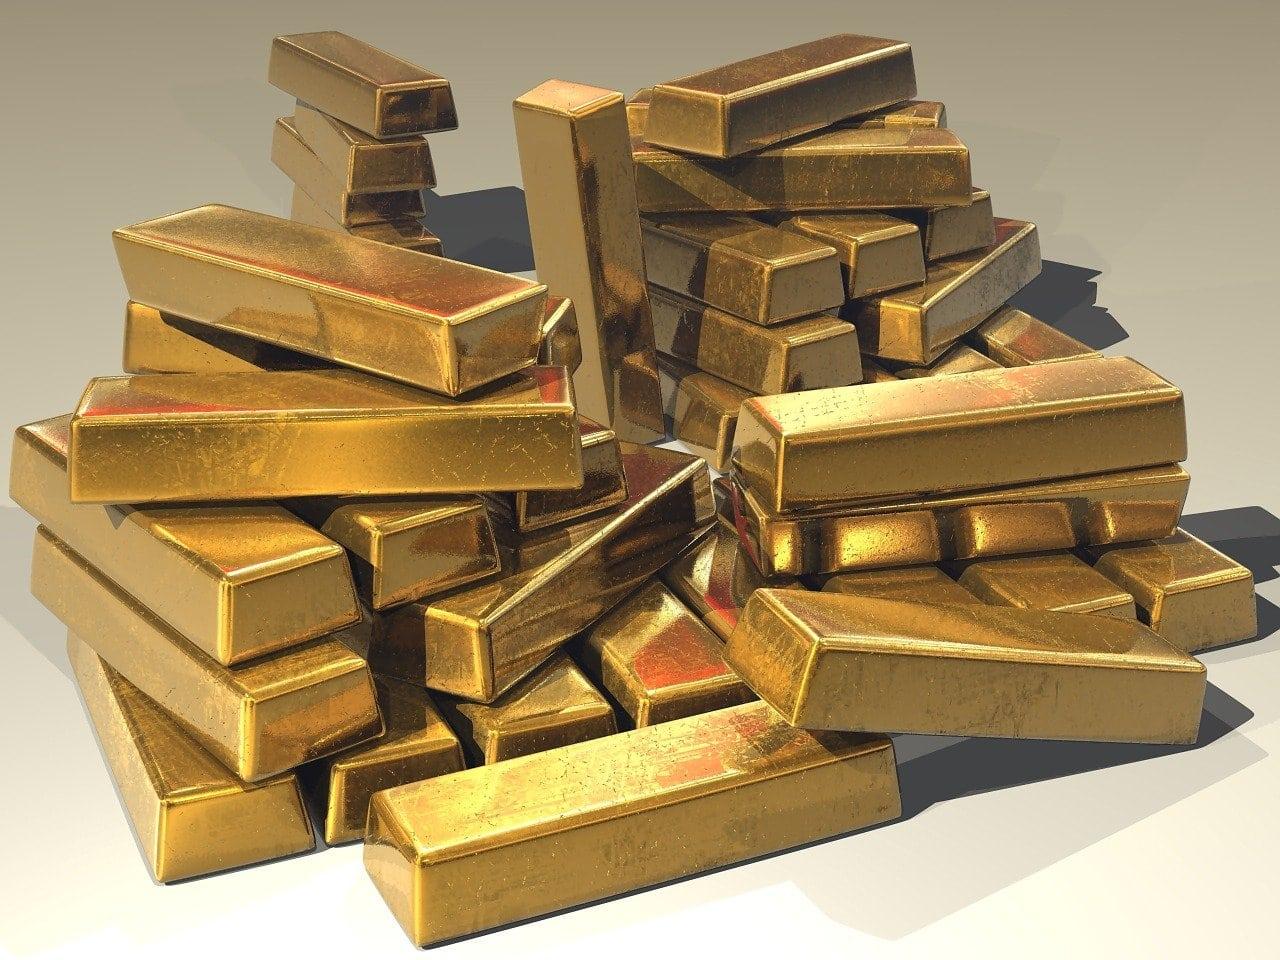 Российская золотодобывающая компания GV Gold готовится к проведению IPO